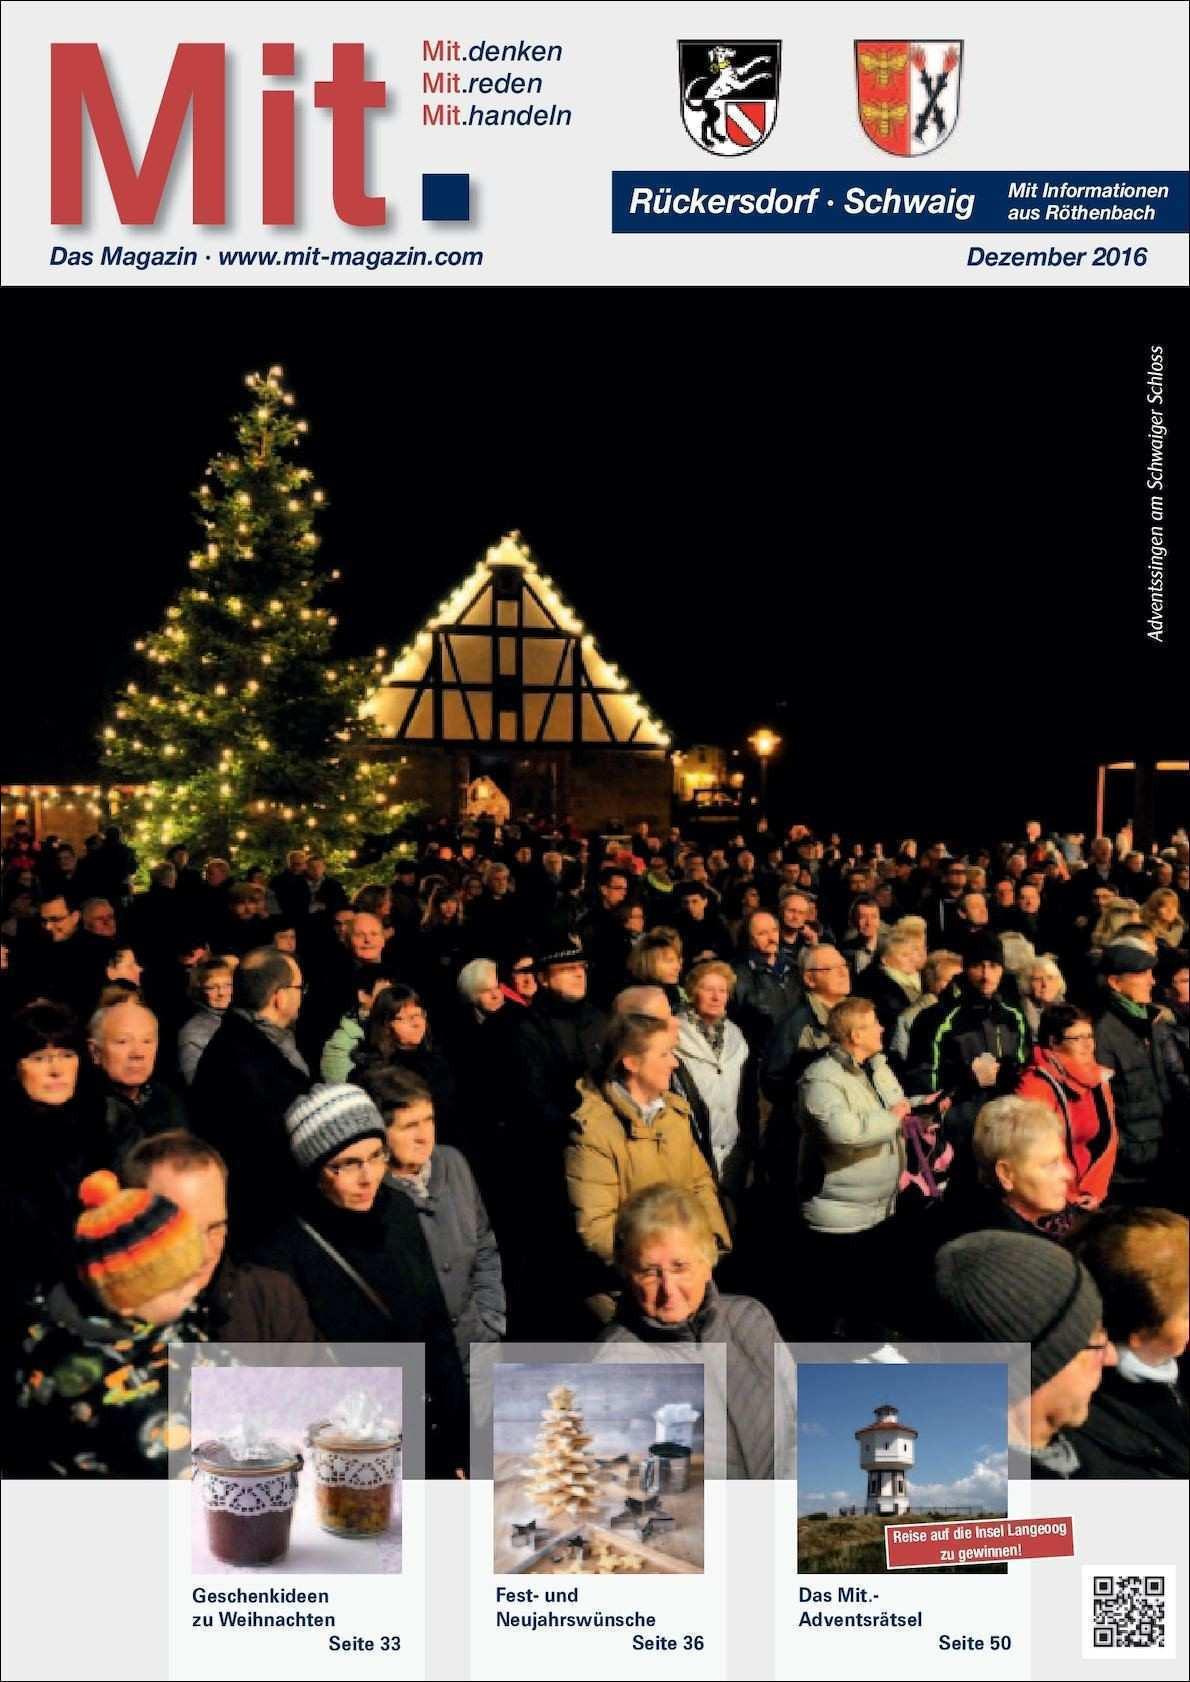 Weihnachtsmann Und Co Kg Ausmalbilder Inspirierend Weihnachtsmann Und Co Kg Ausmalbilder Abbild Weihnachten Und Co Kg Fotografieren